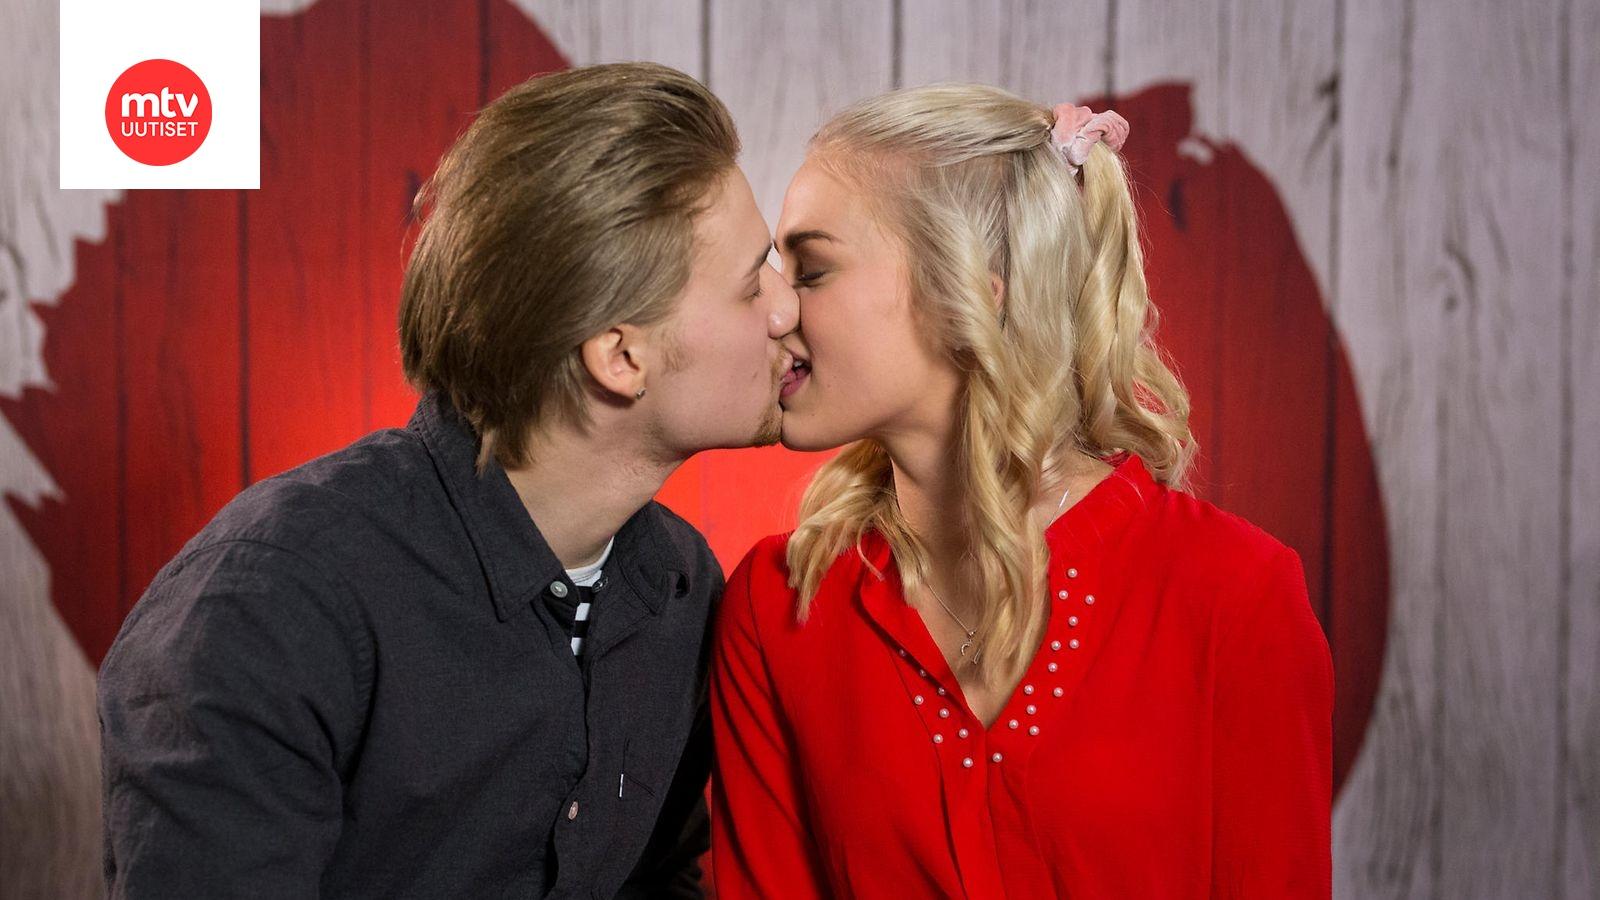 """First Dates Suomi. Ei paha. Näin voisi luonnehtia Jorma Uotista isäpuoli haki hänet pois: """"Haaveilin, että minua vielä joku tulee rakastamaan""""."""